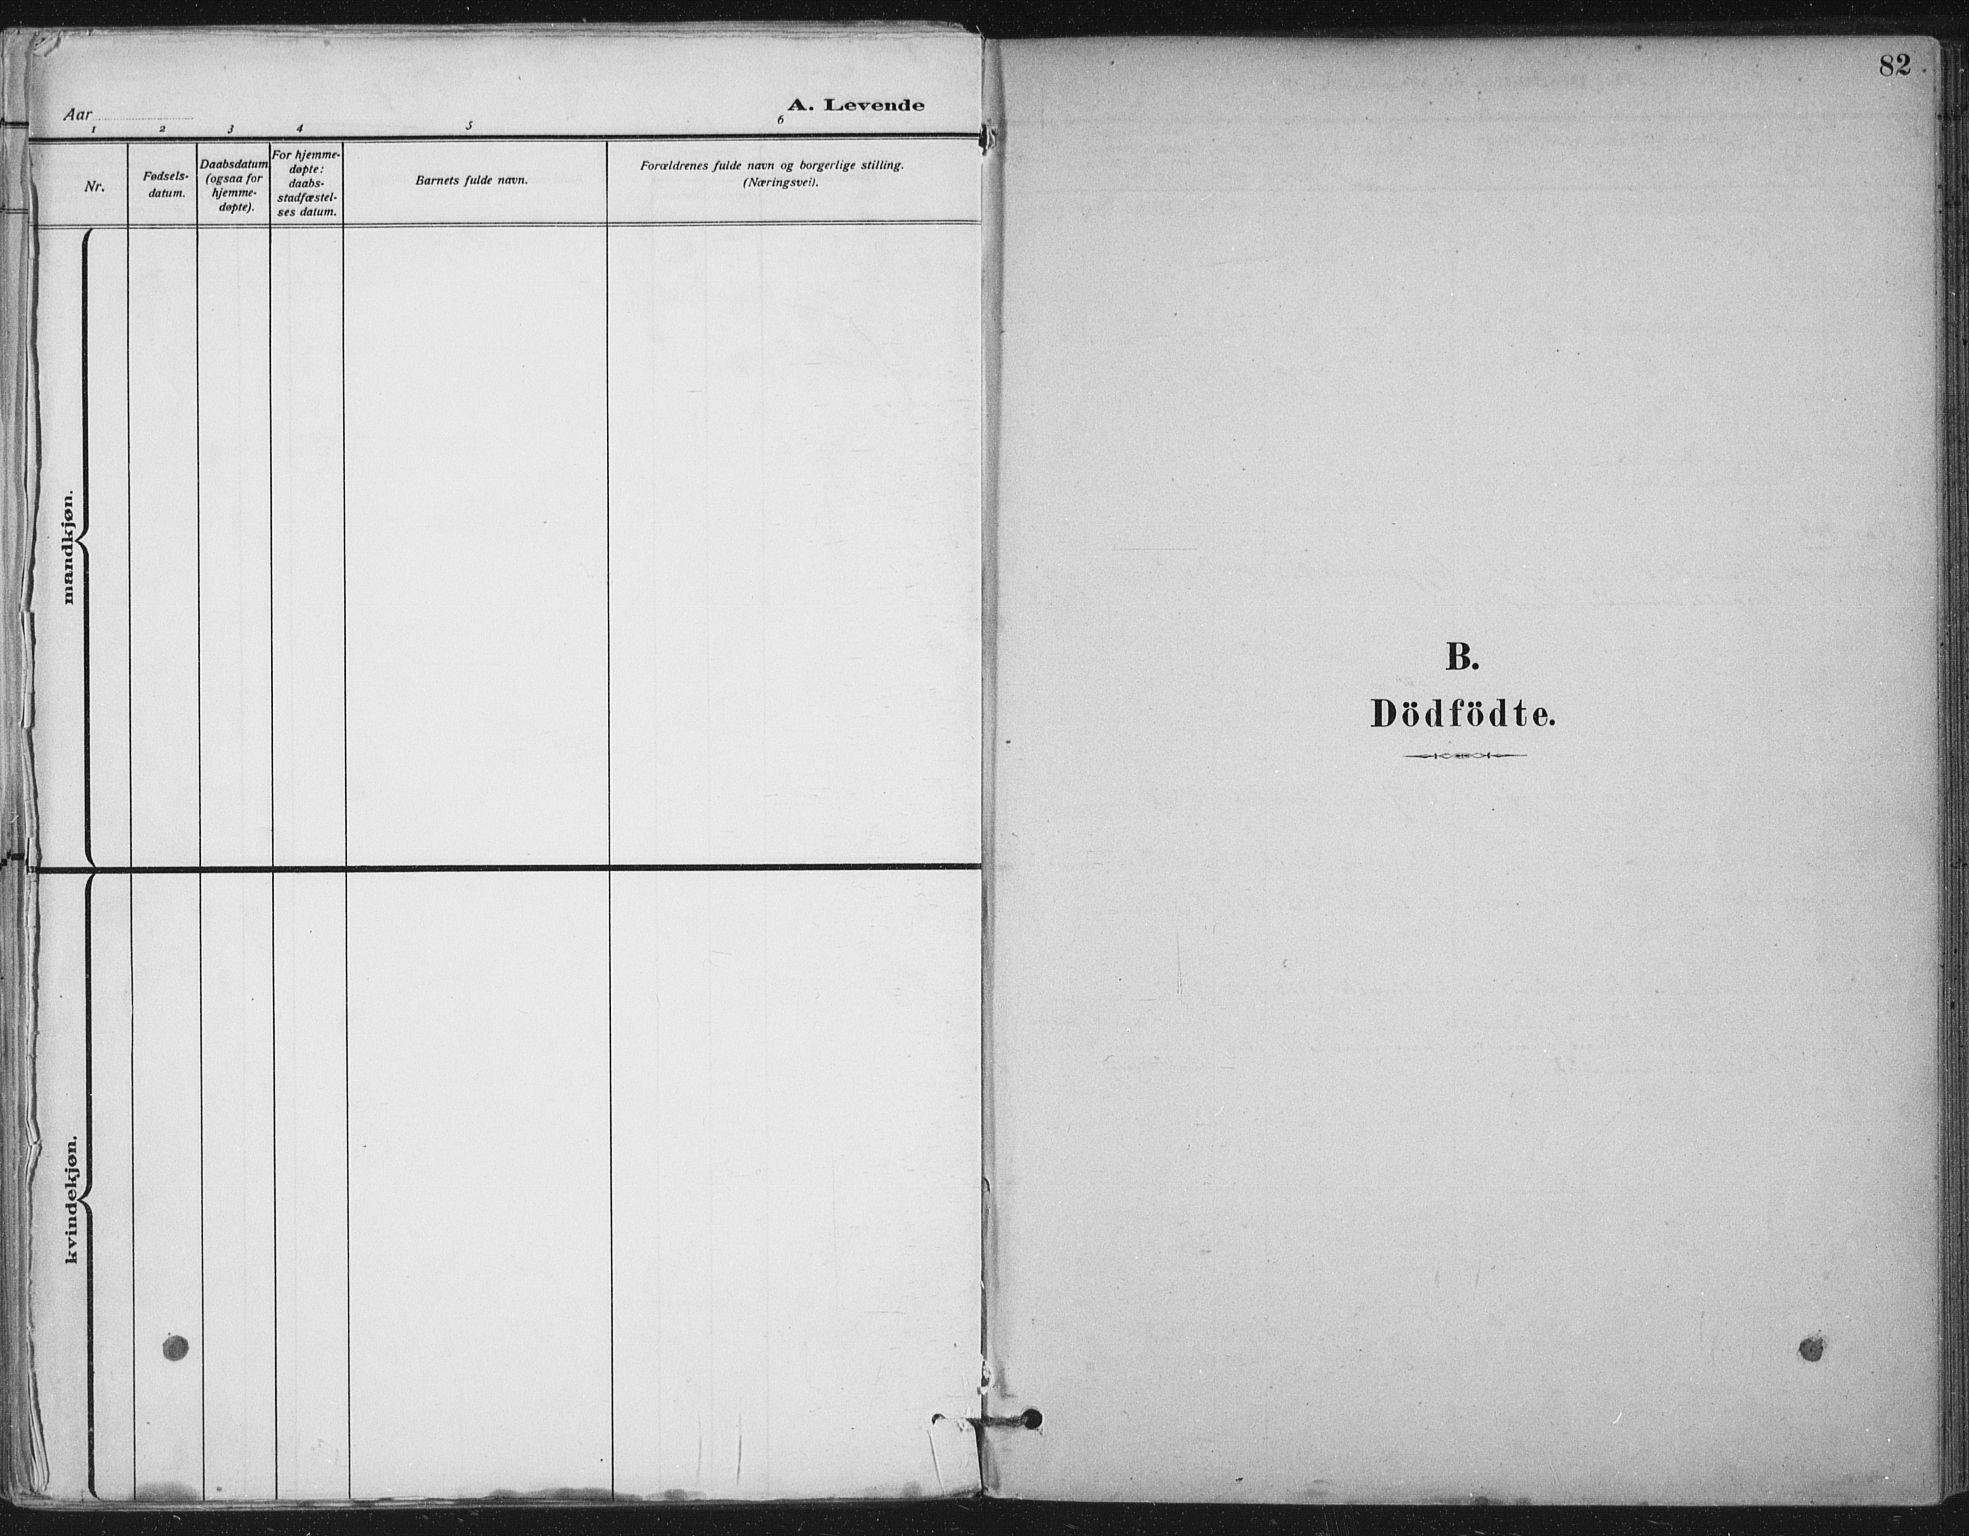 SAT, Ministerialprotokoller, klokkerbøker og fødselsregistre - Nord-Trøndelag, 710/L0095: Ministerialbok nr. 710A01, 1880-1914, s. 82